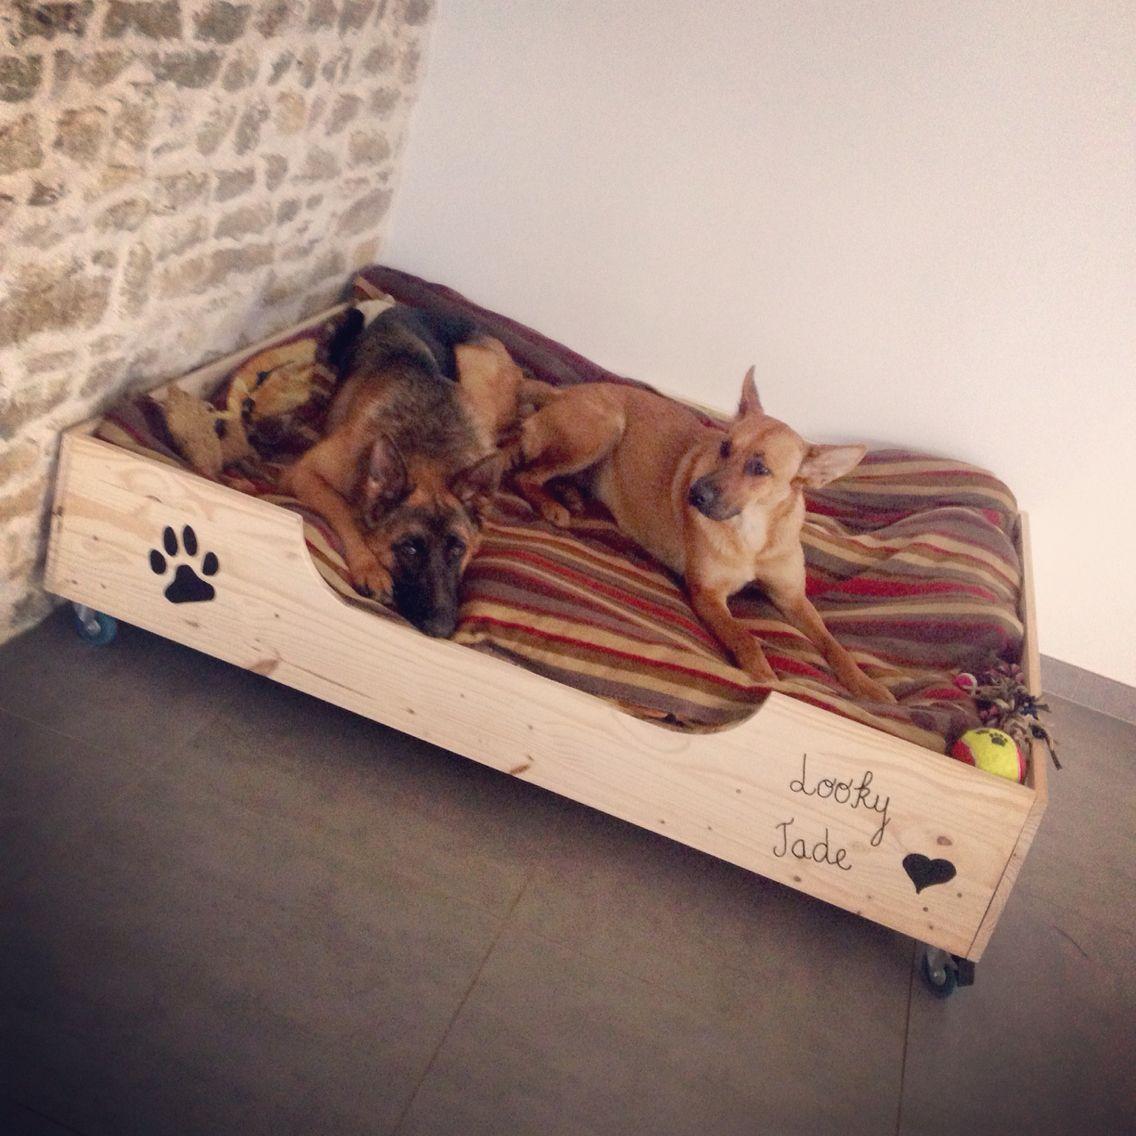 lit pour chien fait maison id es pour charlie pinterest lit chien chien et niche chien. Black Bedroom Furniture Sets. Home Design Ideas